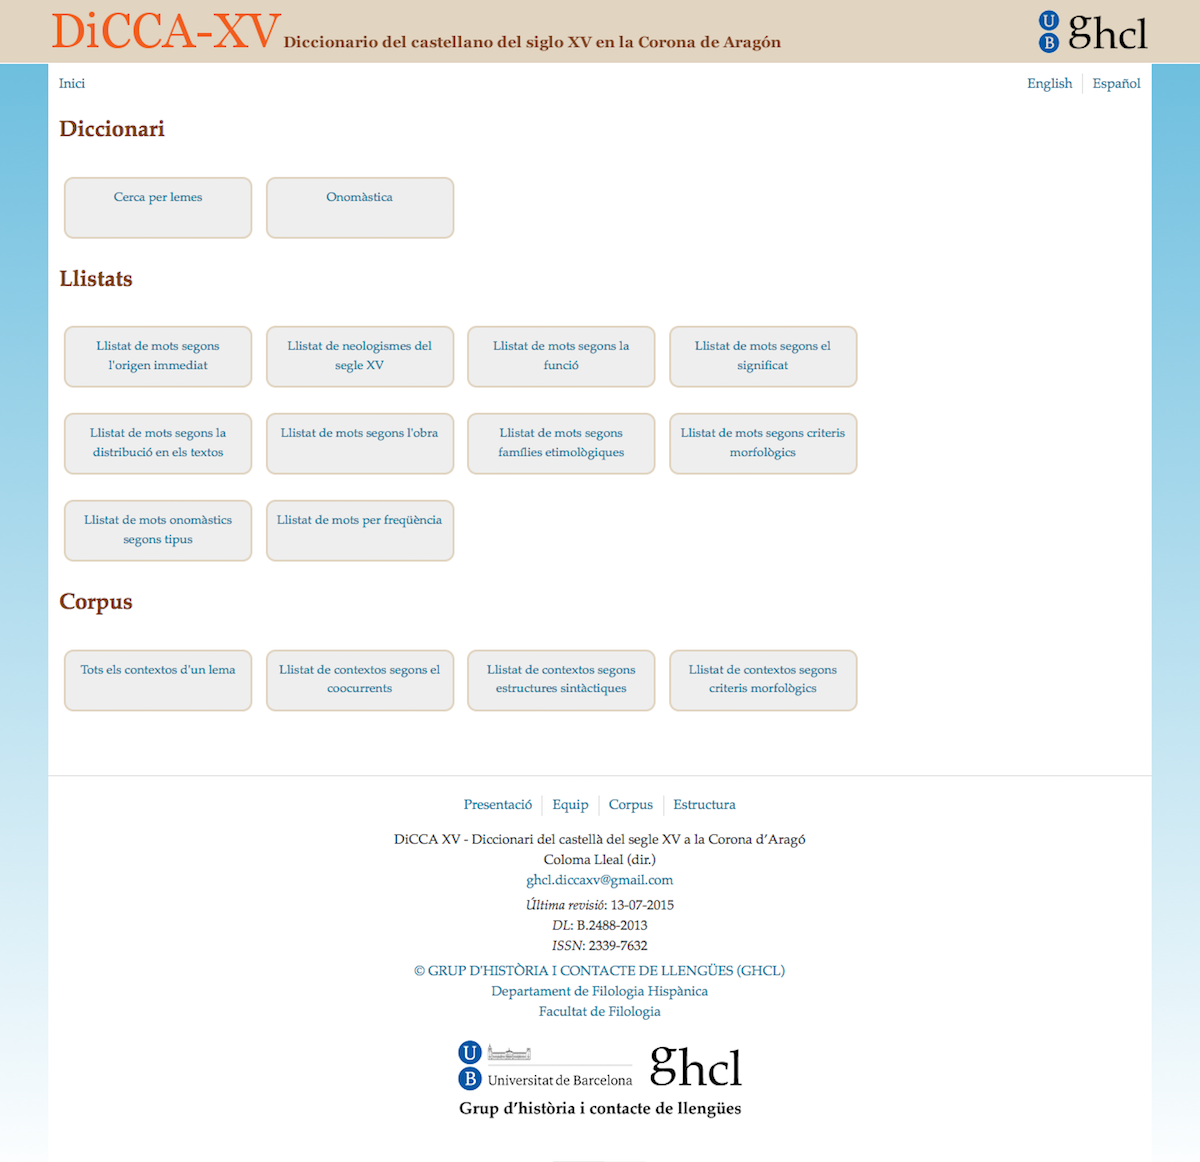 DiCCA-XV